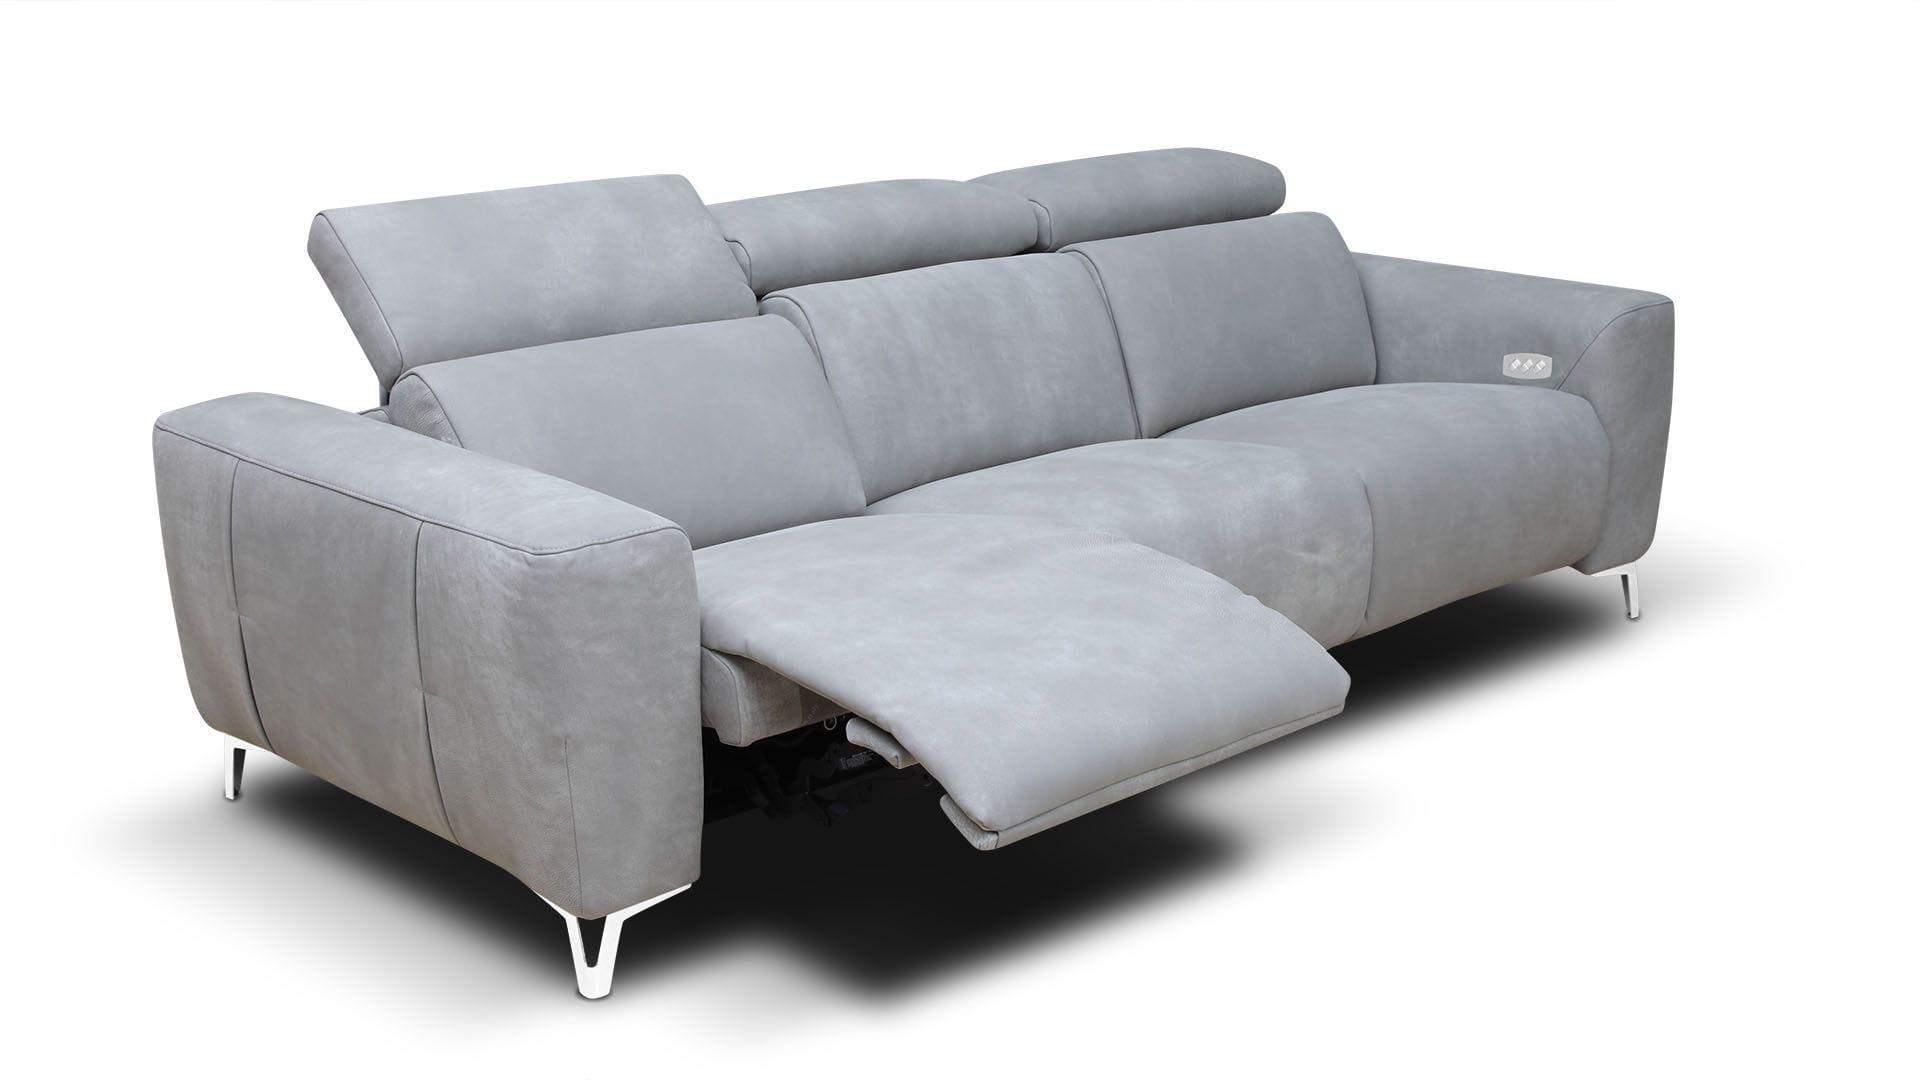 Liebenswert Sofa Kopfstütze Sammlung Von Modernes / Leder / Schrägstellbar / Kopfstütze